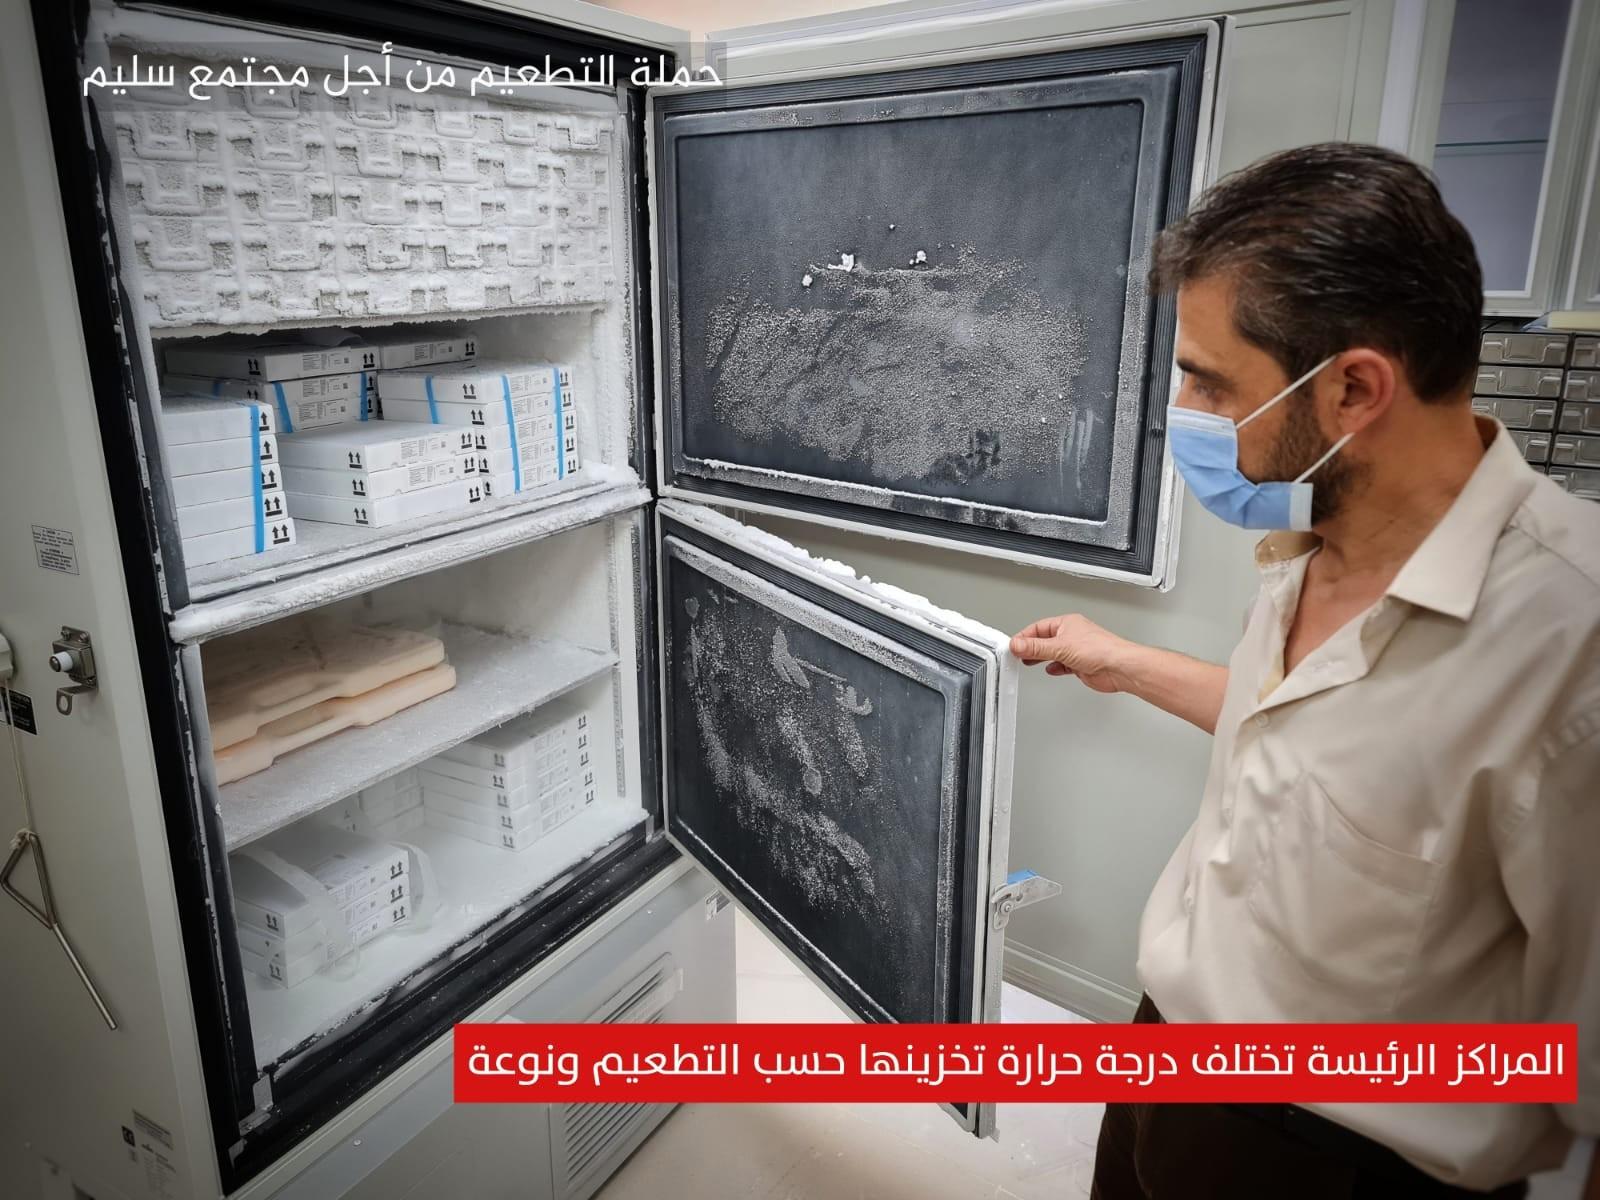 مراحل حفظ لقاح كورونا بغزة 1